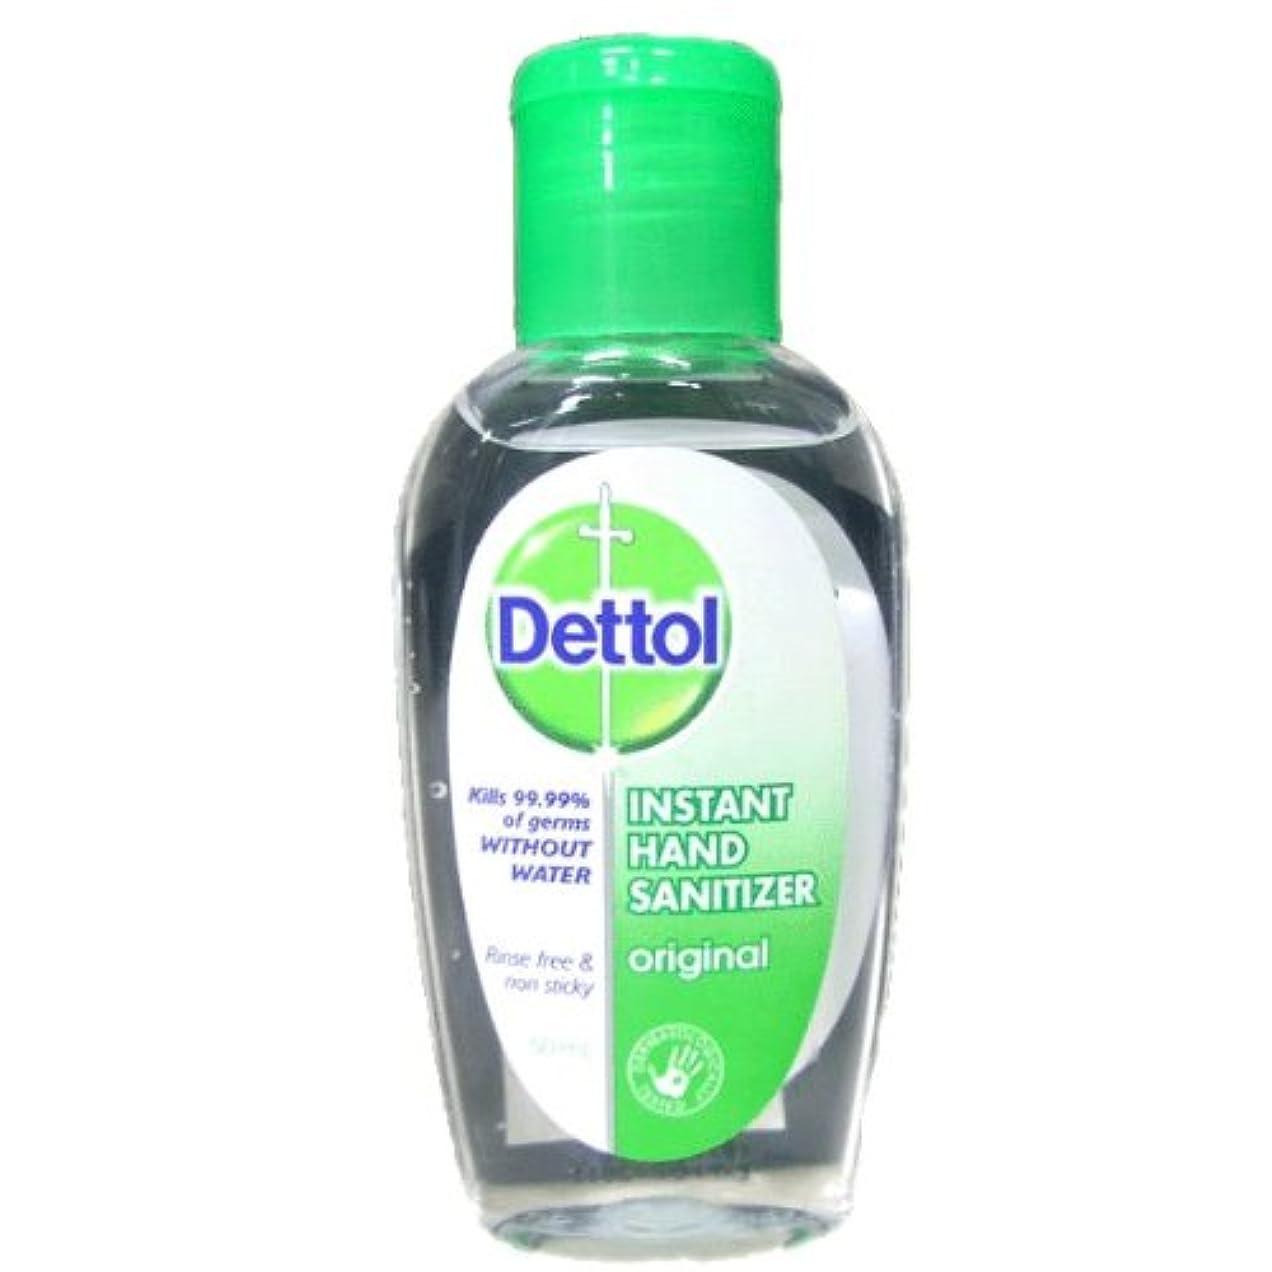 安定した適用済み保存Dettol instant hand sanitizer